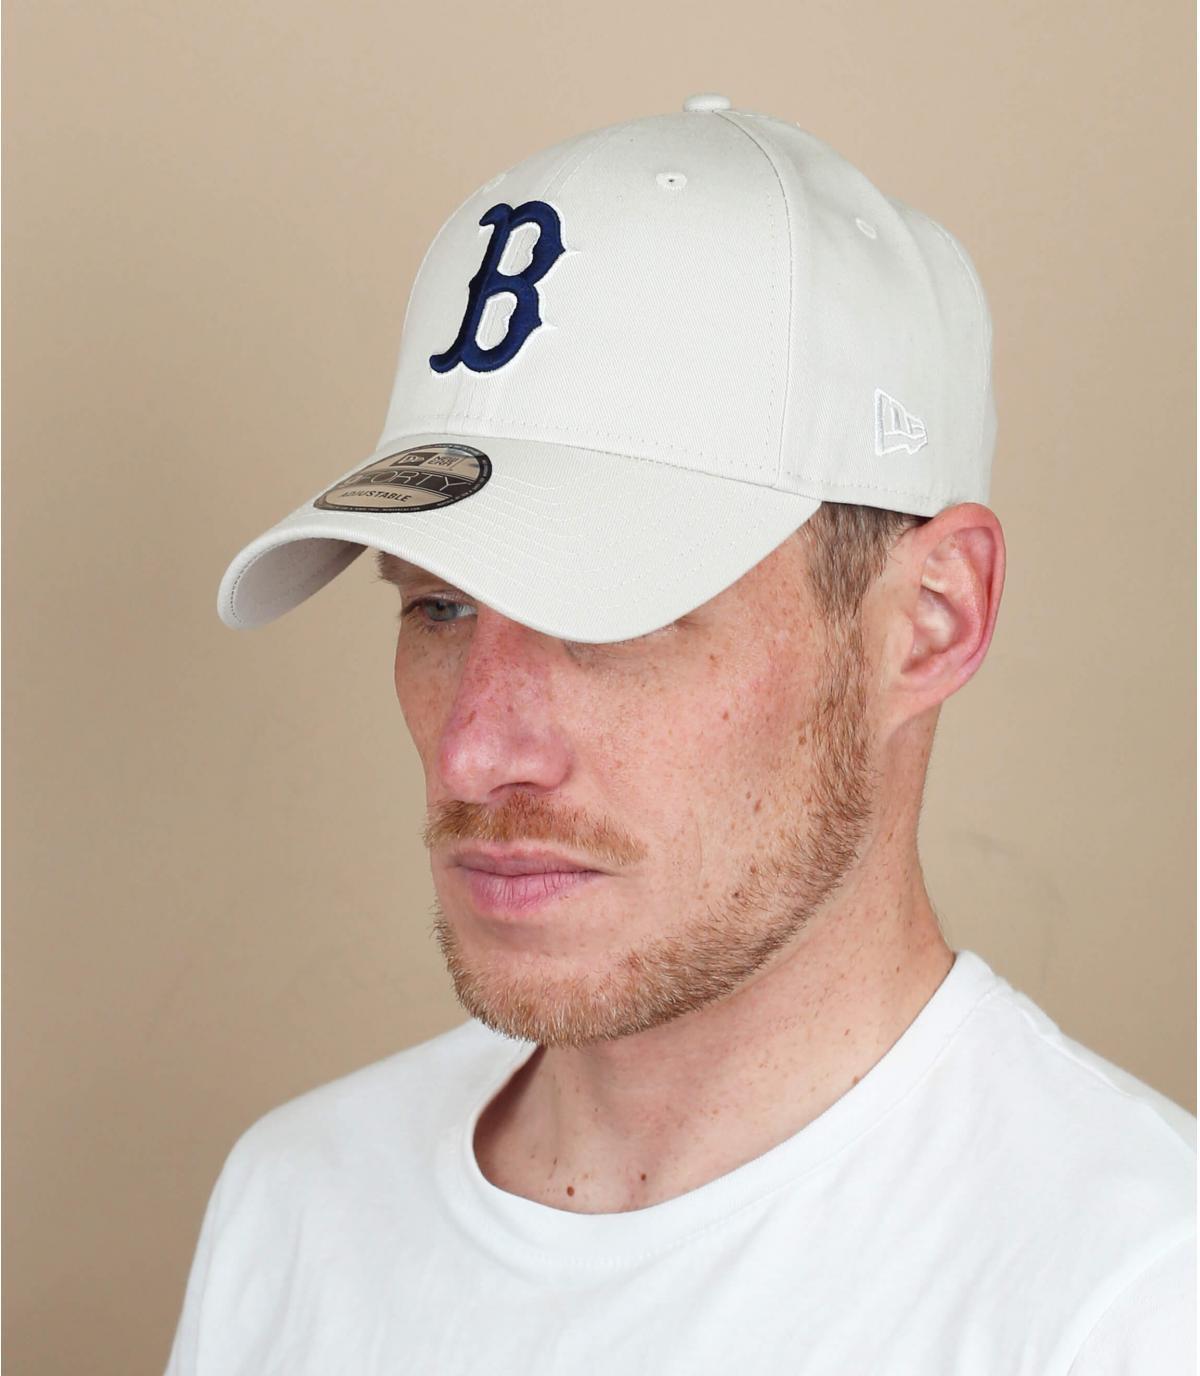 grey B cap